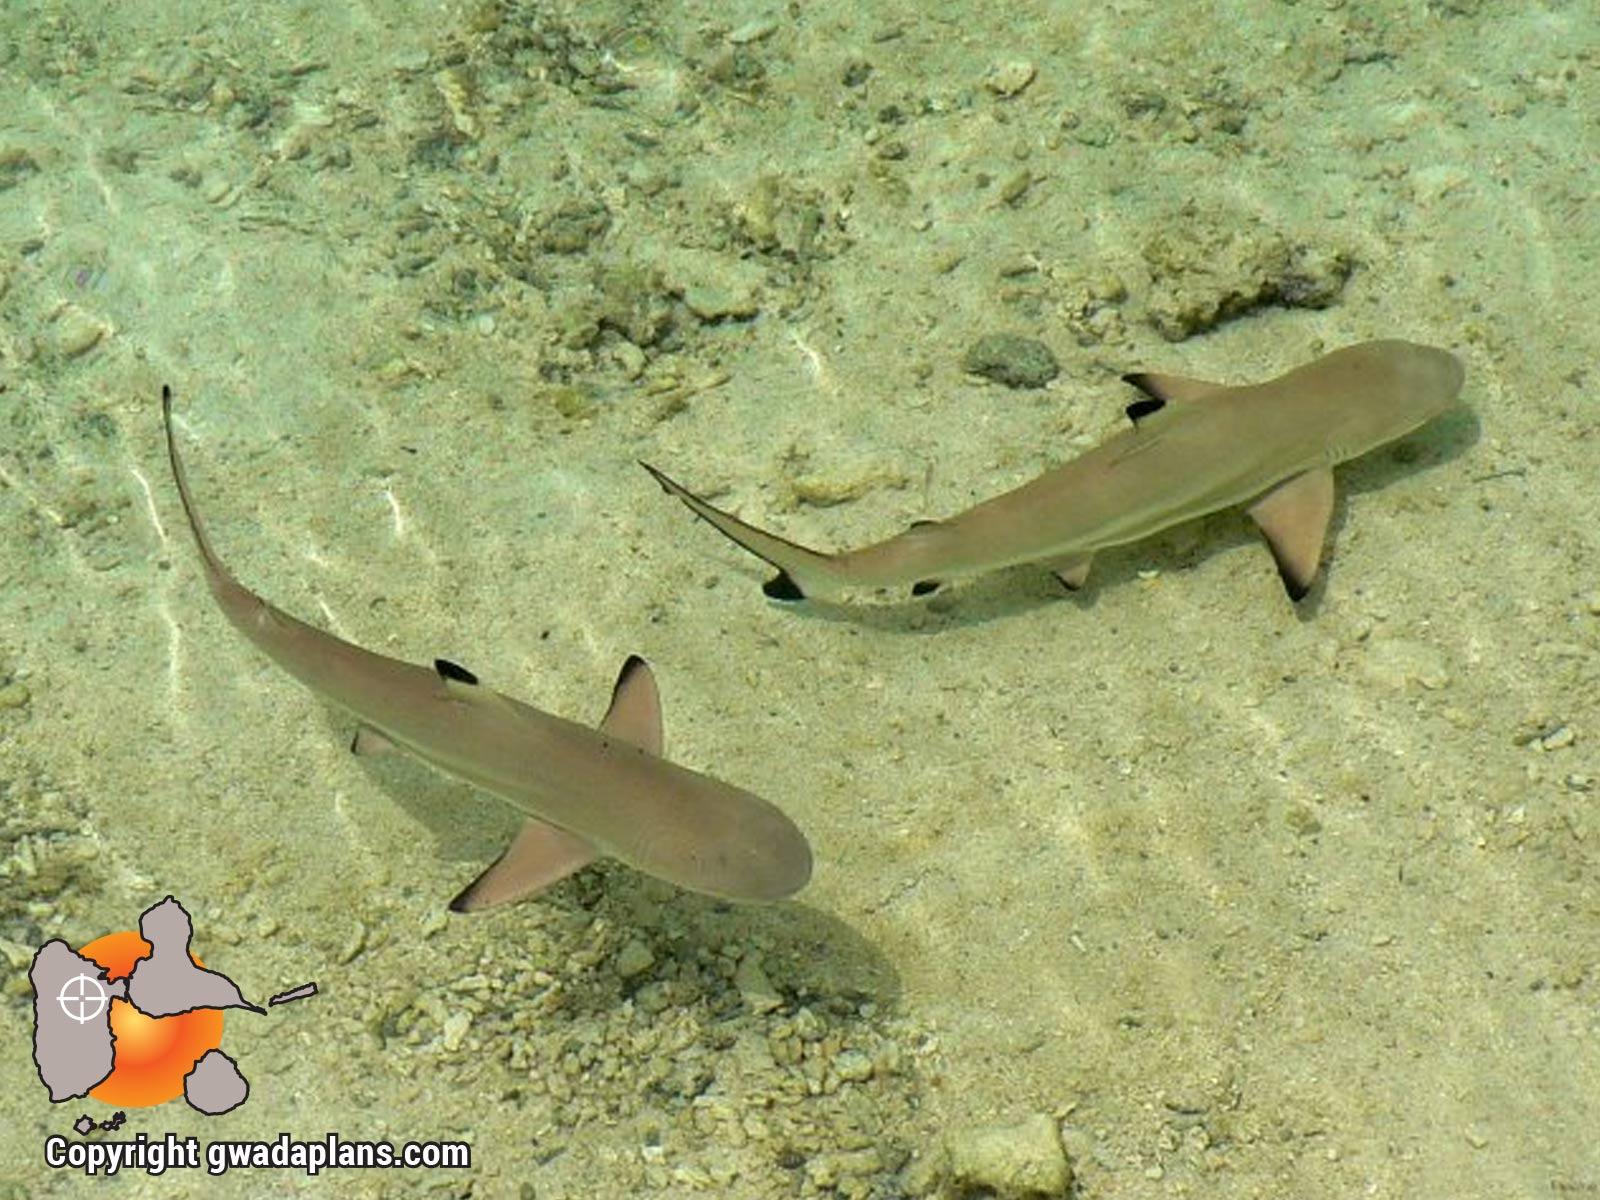 Bébés requins citrons en bord de plage à Petite-Terre